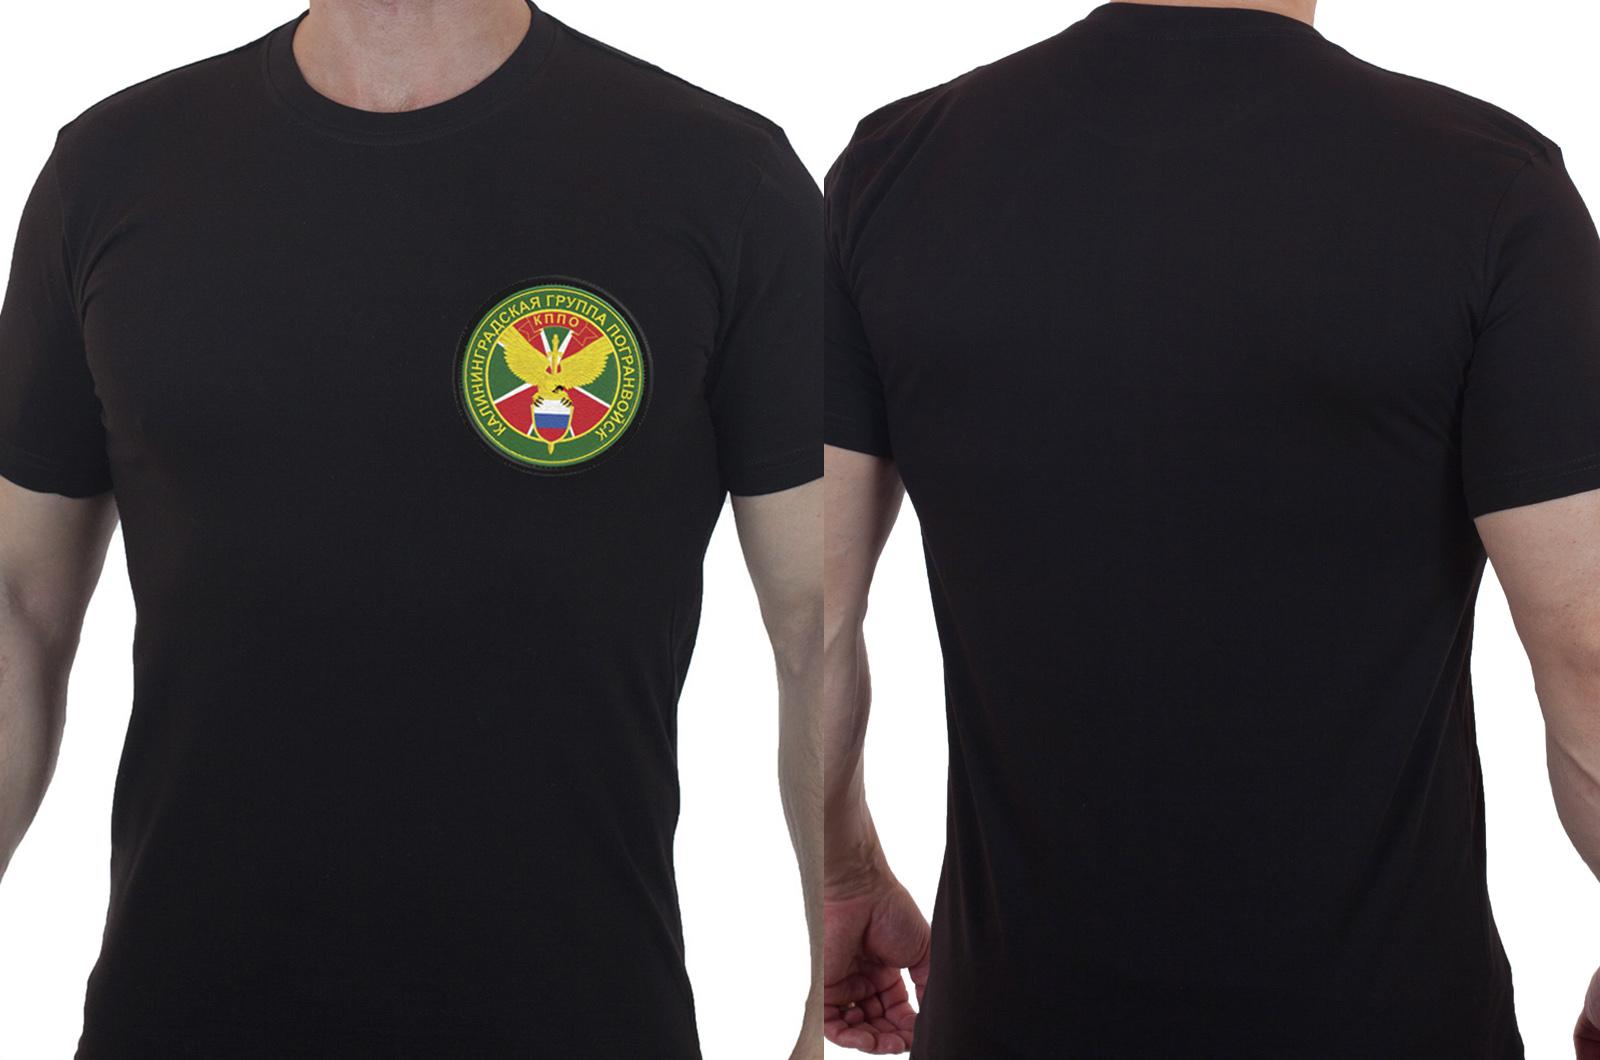 Черная футболка с вышивкой Калининградская группа погранвойск - заказать с доставкой